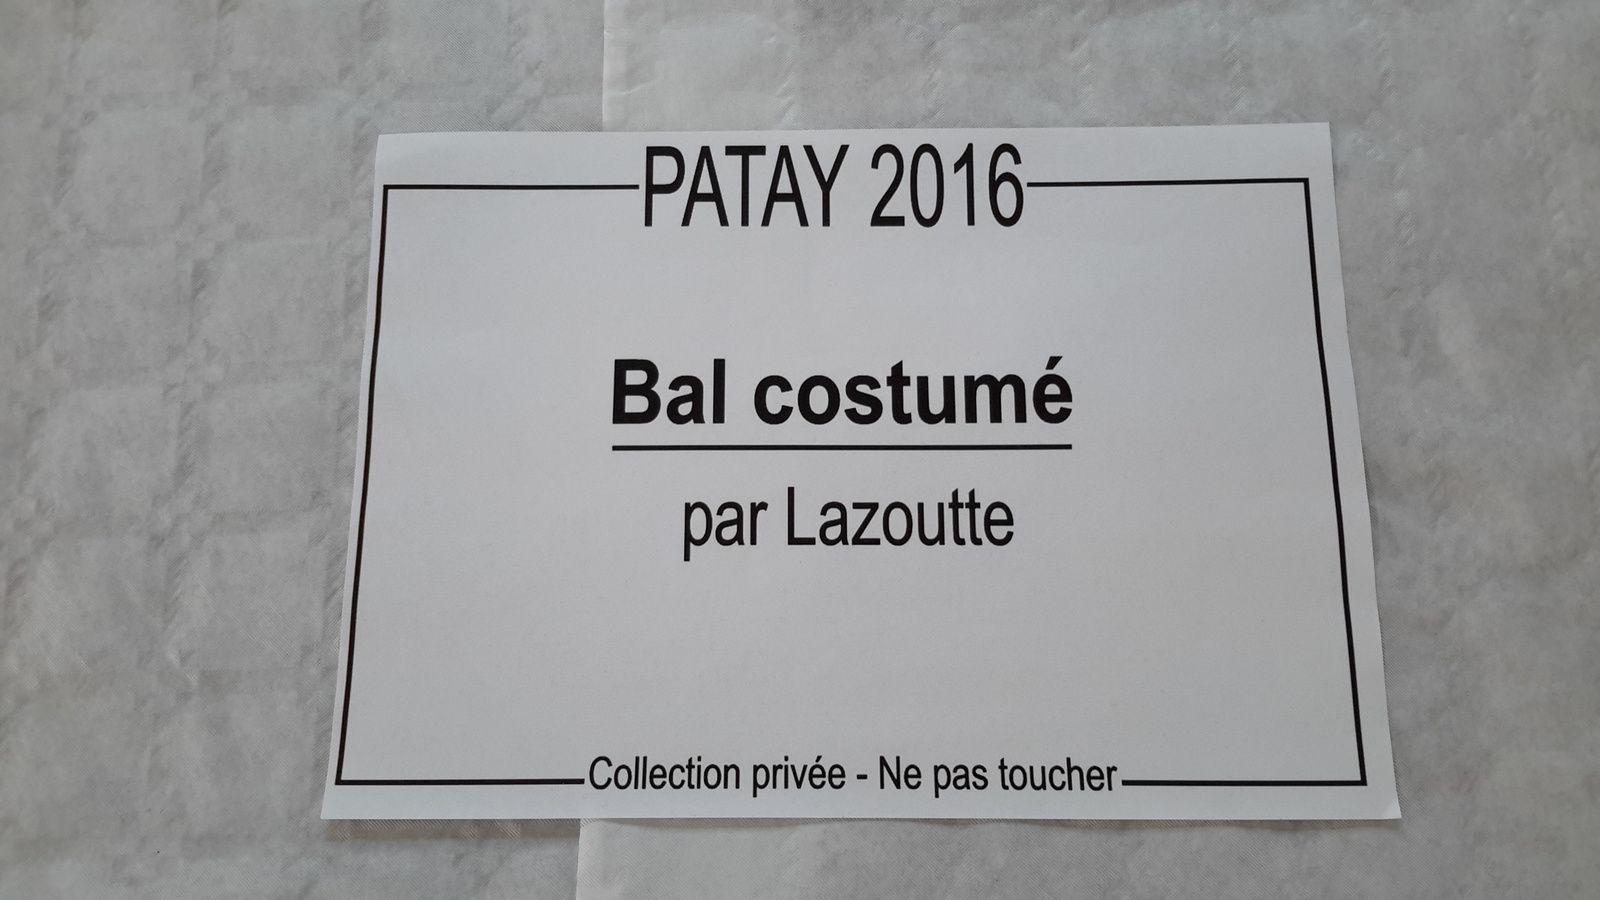 Patay 2016 (LOIRET 45)